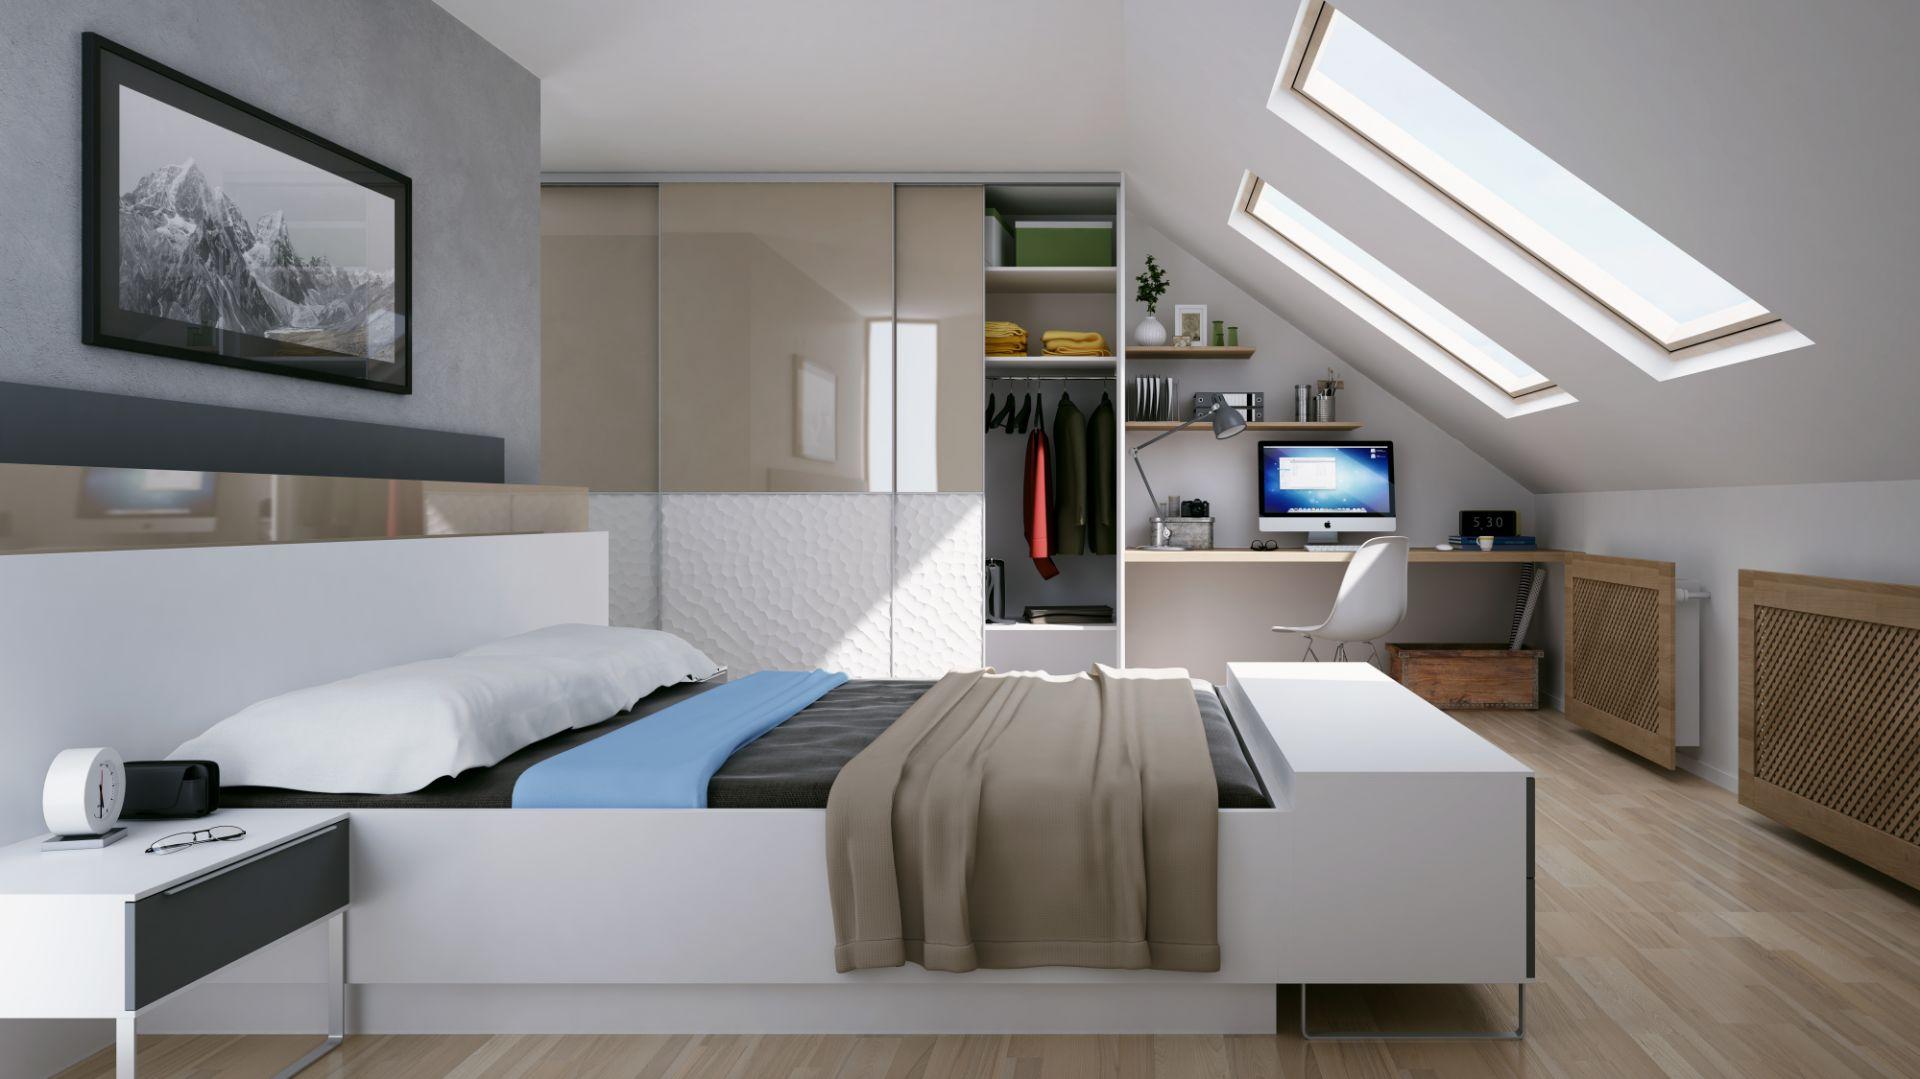 Wnęki oraz nieustawne kąty to idealne miejsce na montaż wygodnej szafy lub garderoby. Innowacyjne systemy przesuwne zapewnią komfort jej korzystania. Fot. Komandor